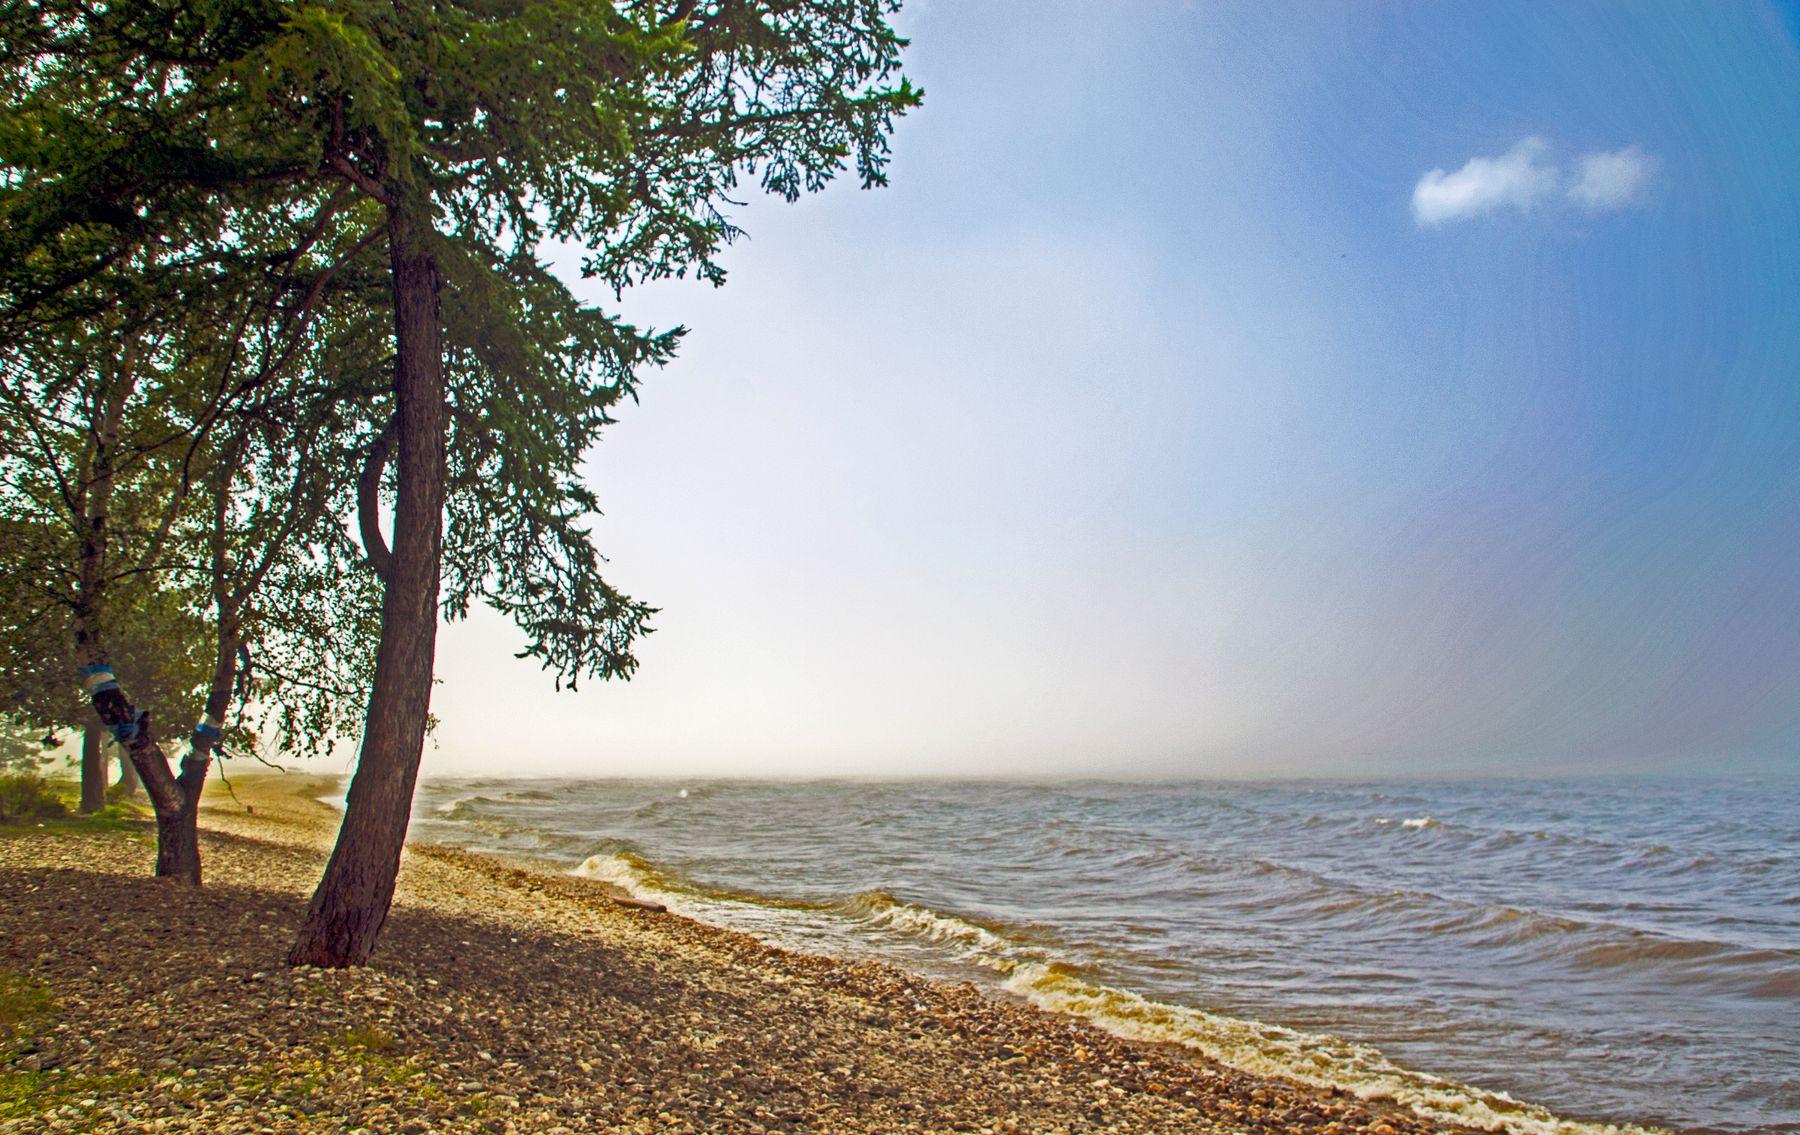 Байкал в Заречье бурятия байкал волна туман природа пейаж озеро лето